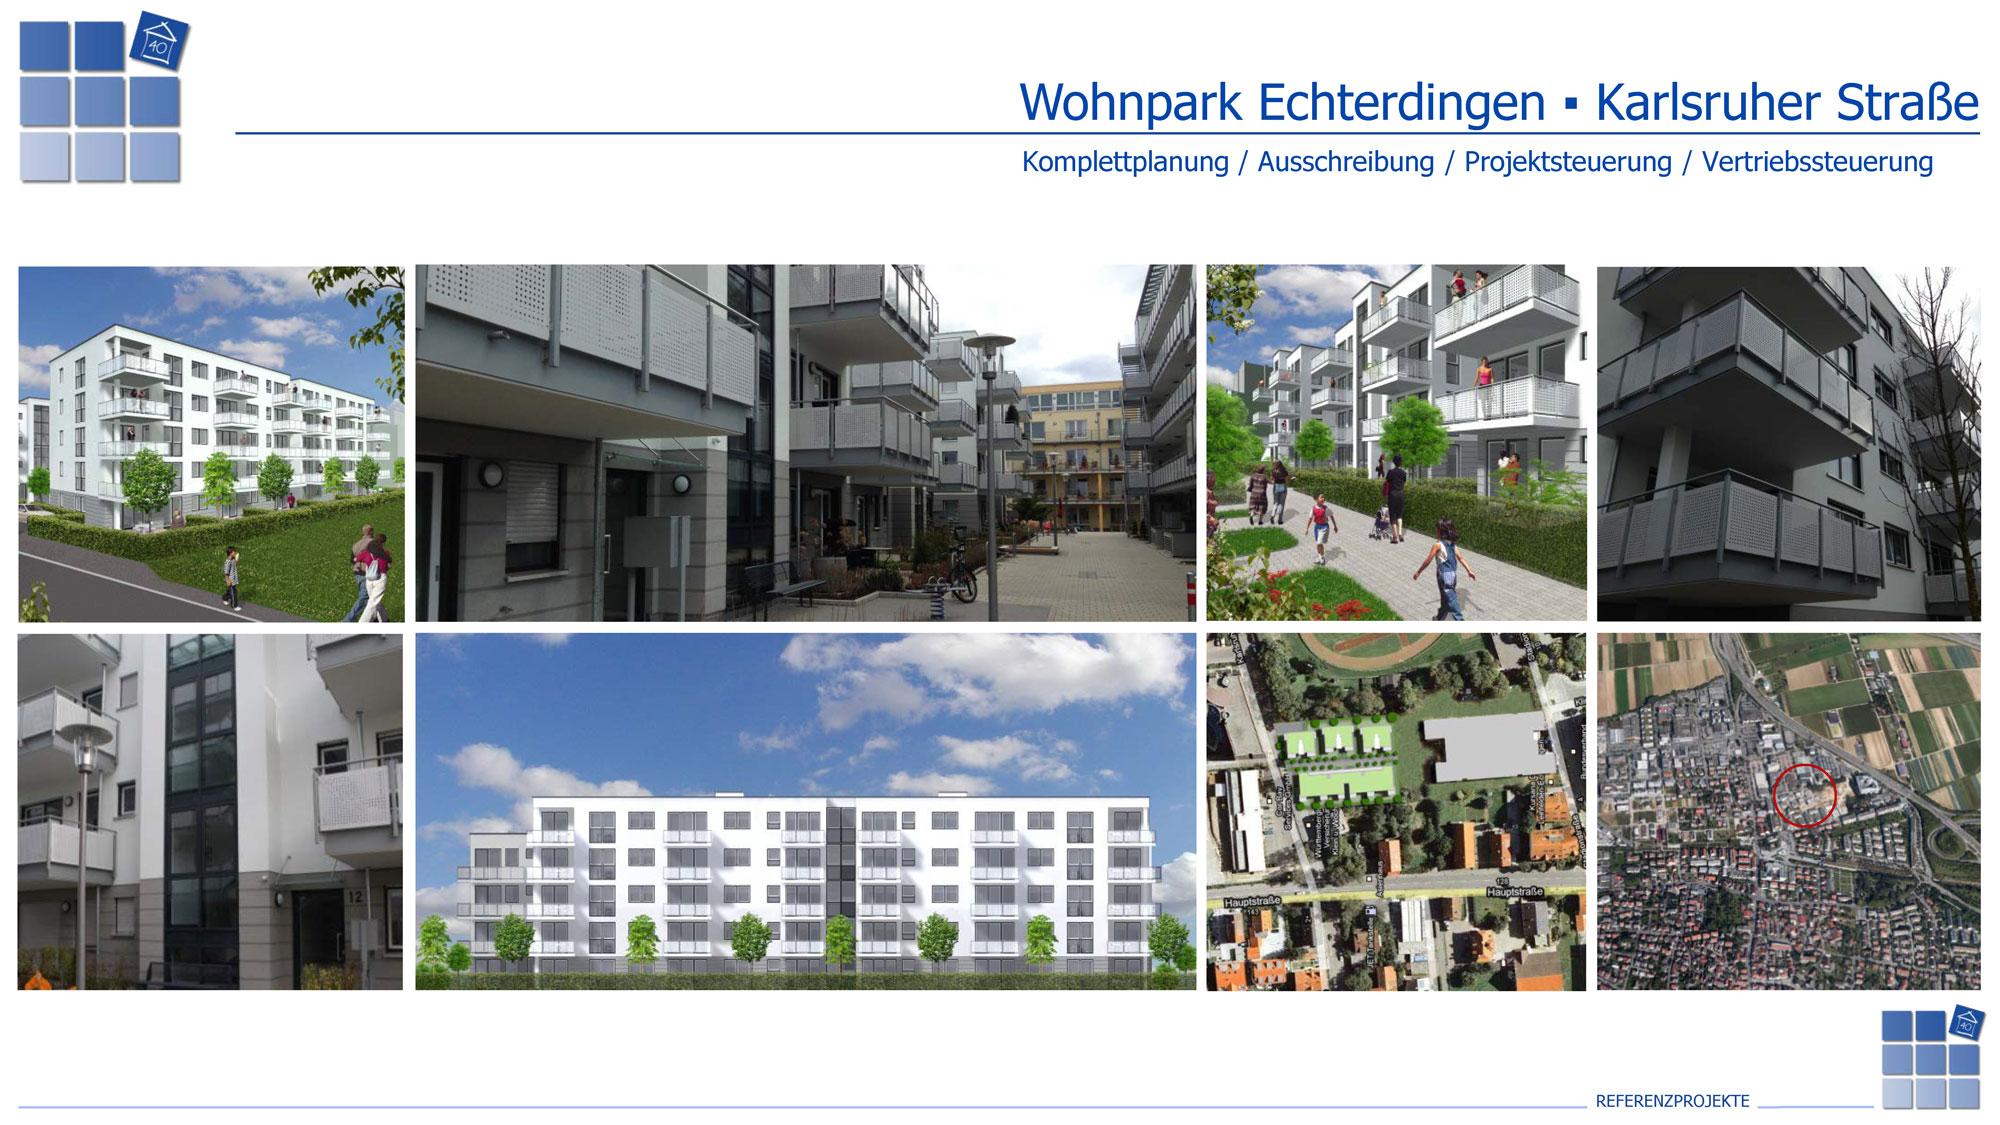 Referenz-Wohnpark-Echterdingen